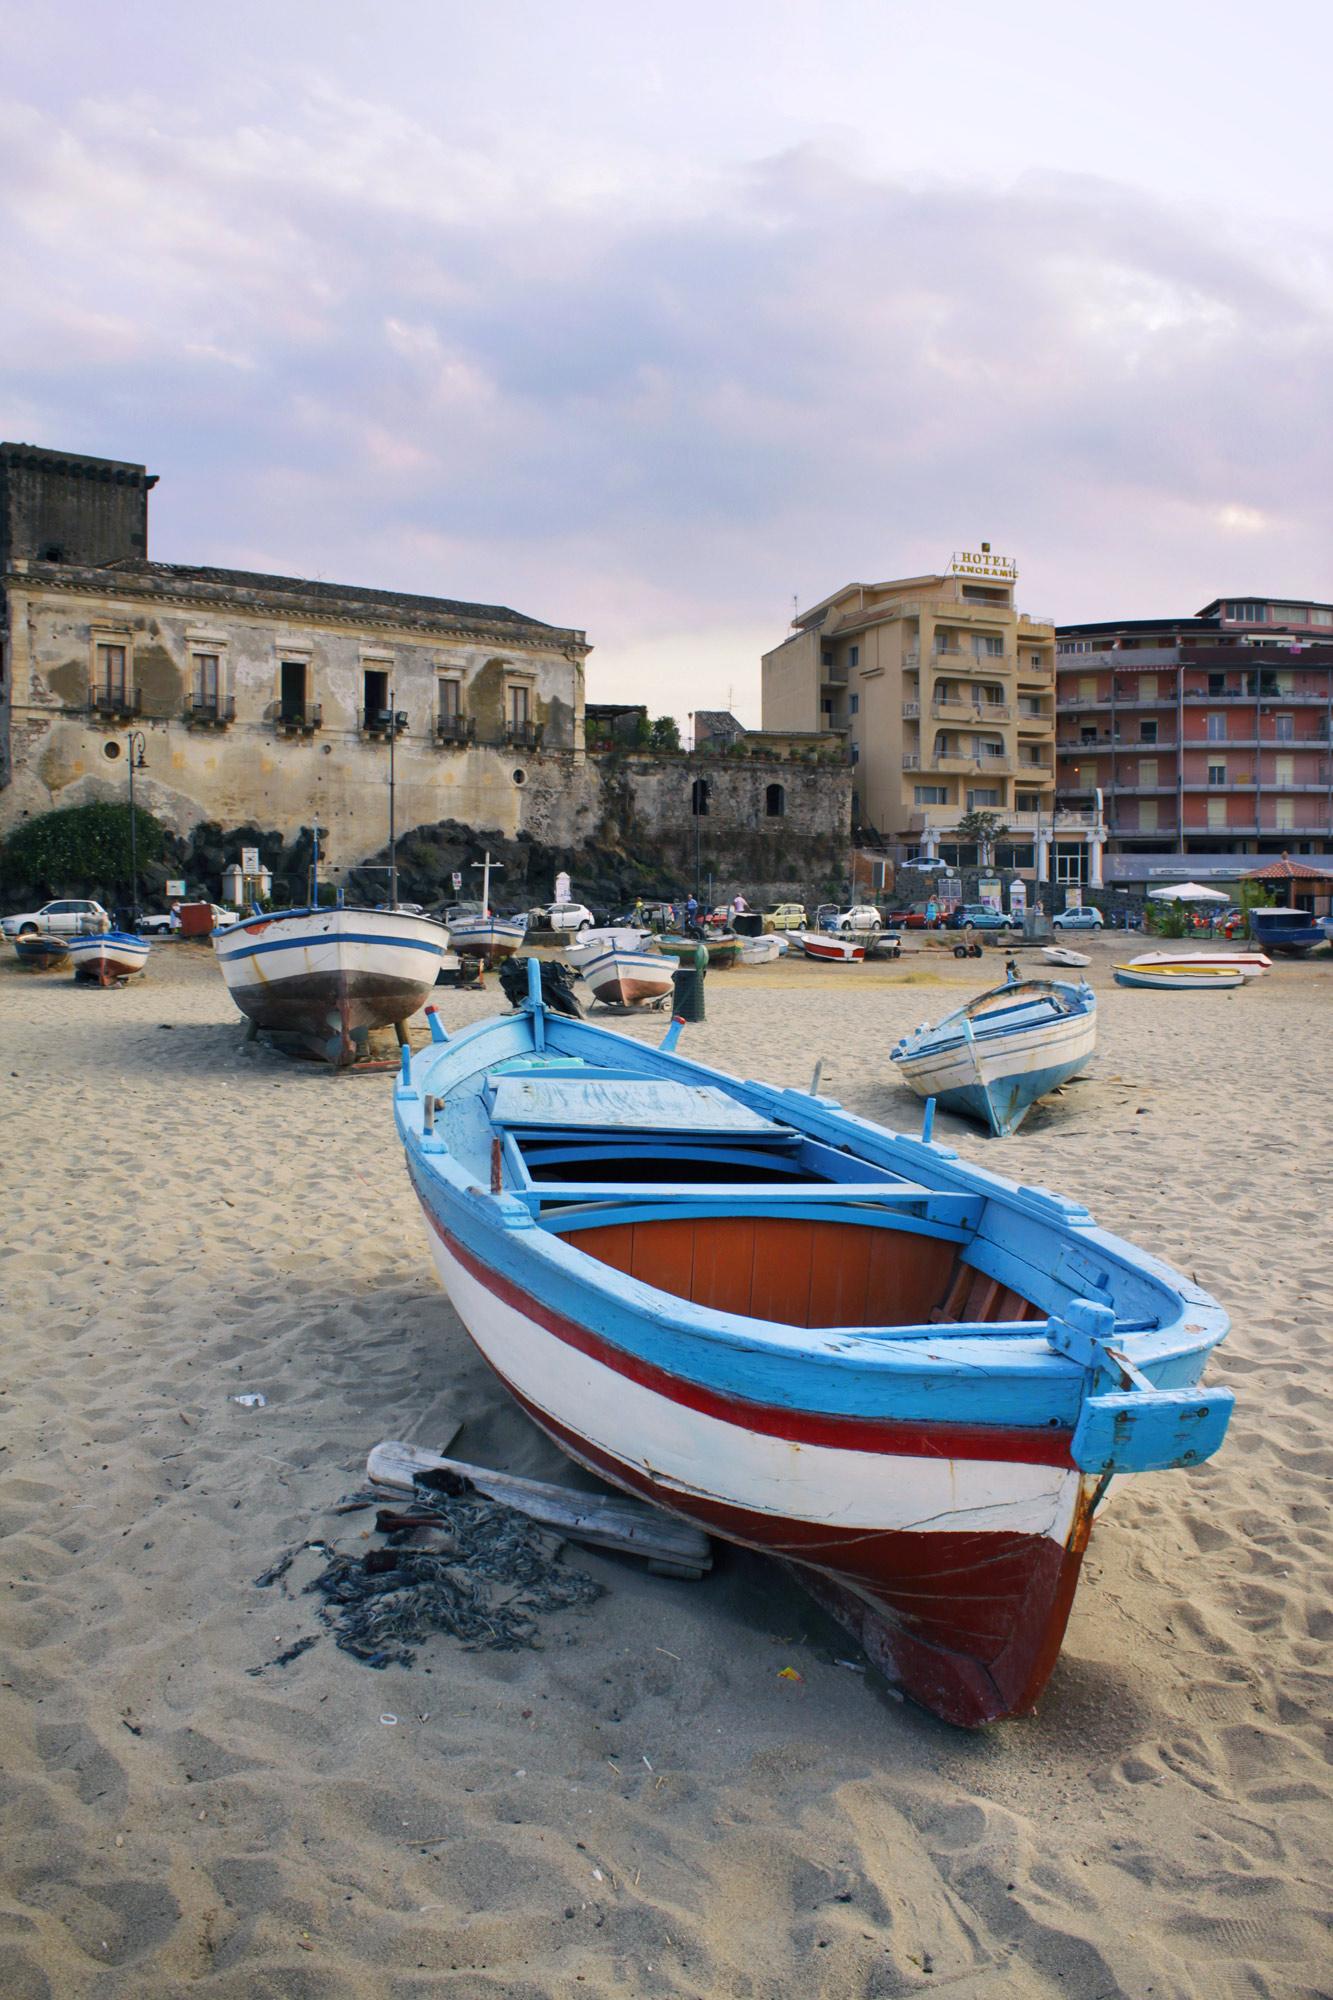 Strand Boote